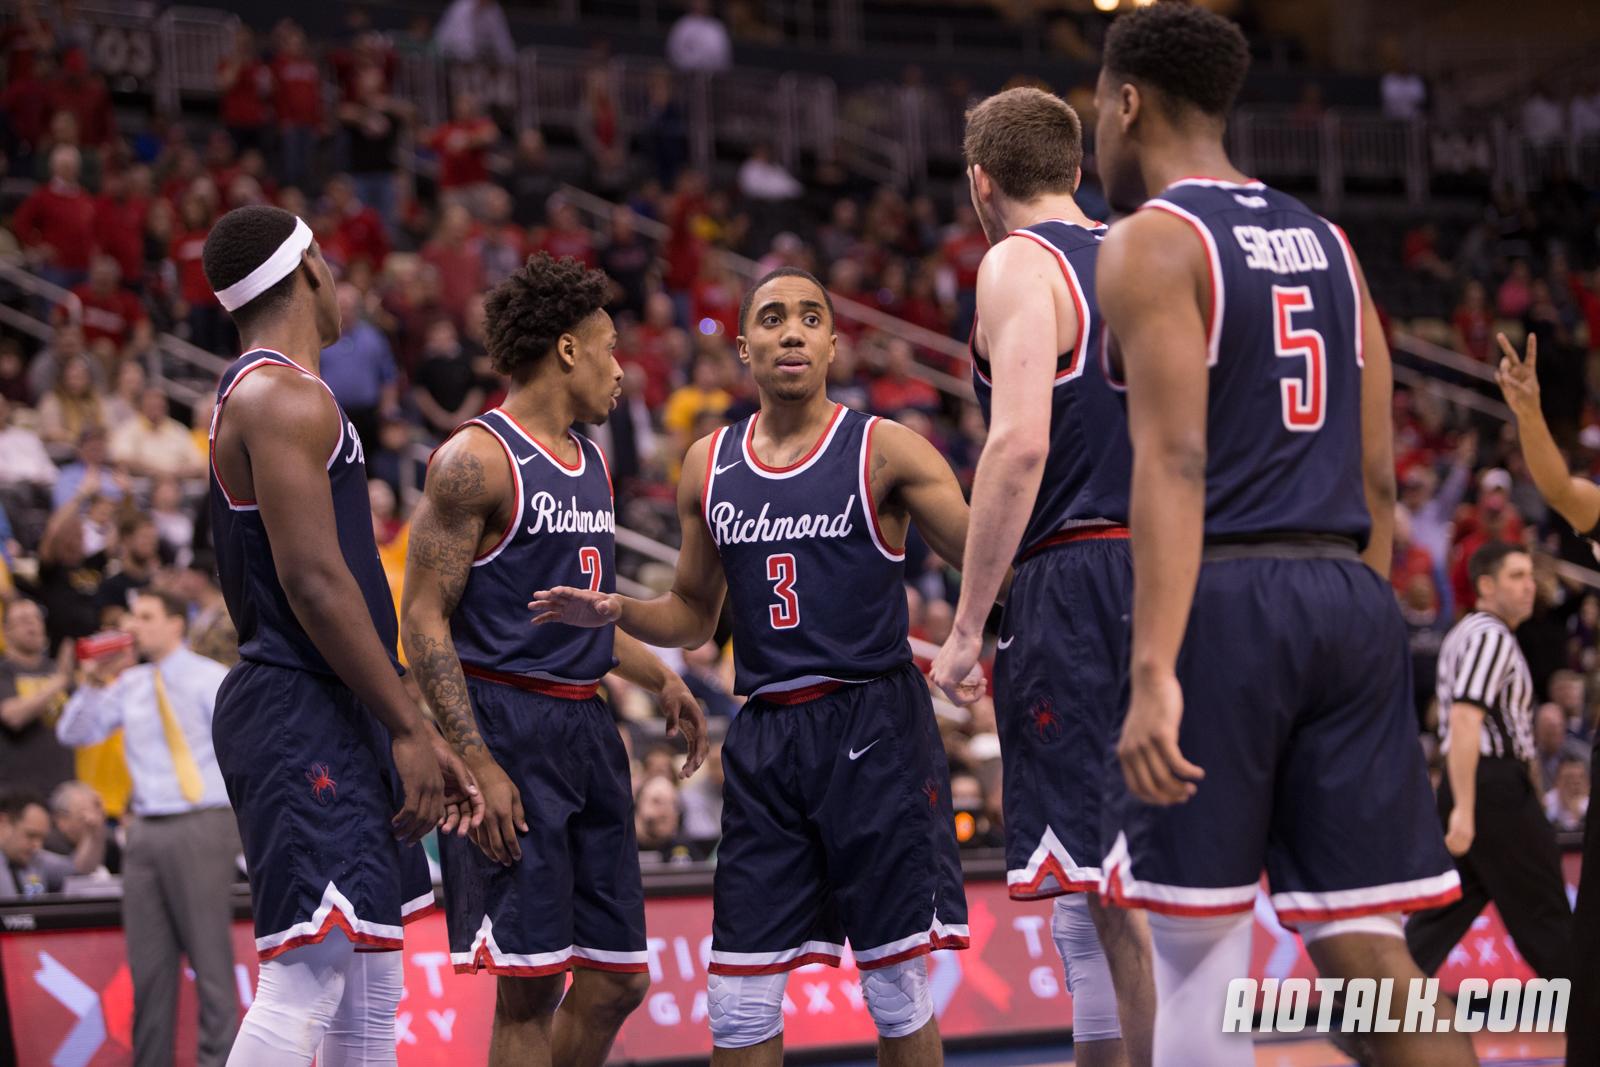 Kentucky Wildcats Basketball 2017 18 Season Preview: Richmond Spiders Basketball Full 2017-18 Season Preview